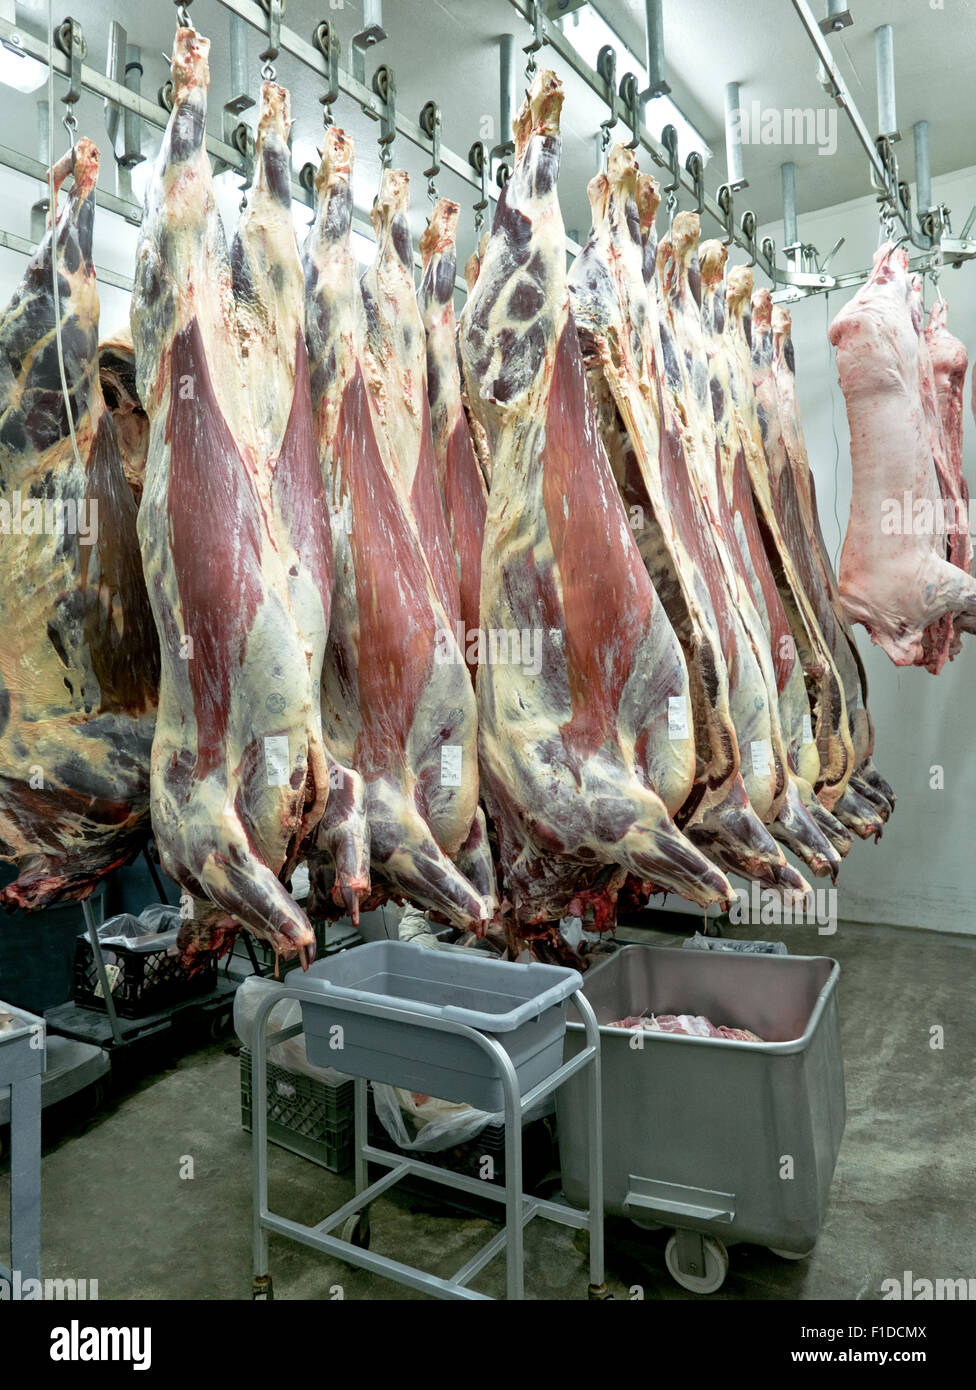 El envejecimiento de carne y despojos de cerdo colgando en el enfriador. Imagen De Stock